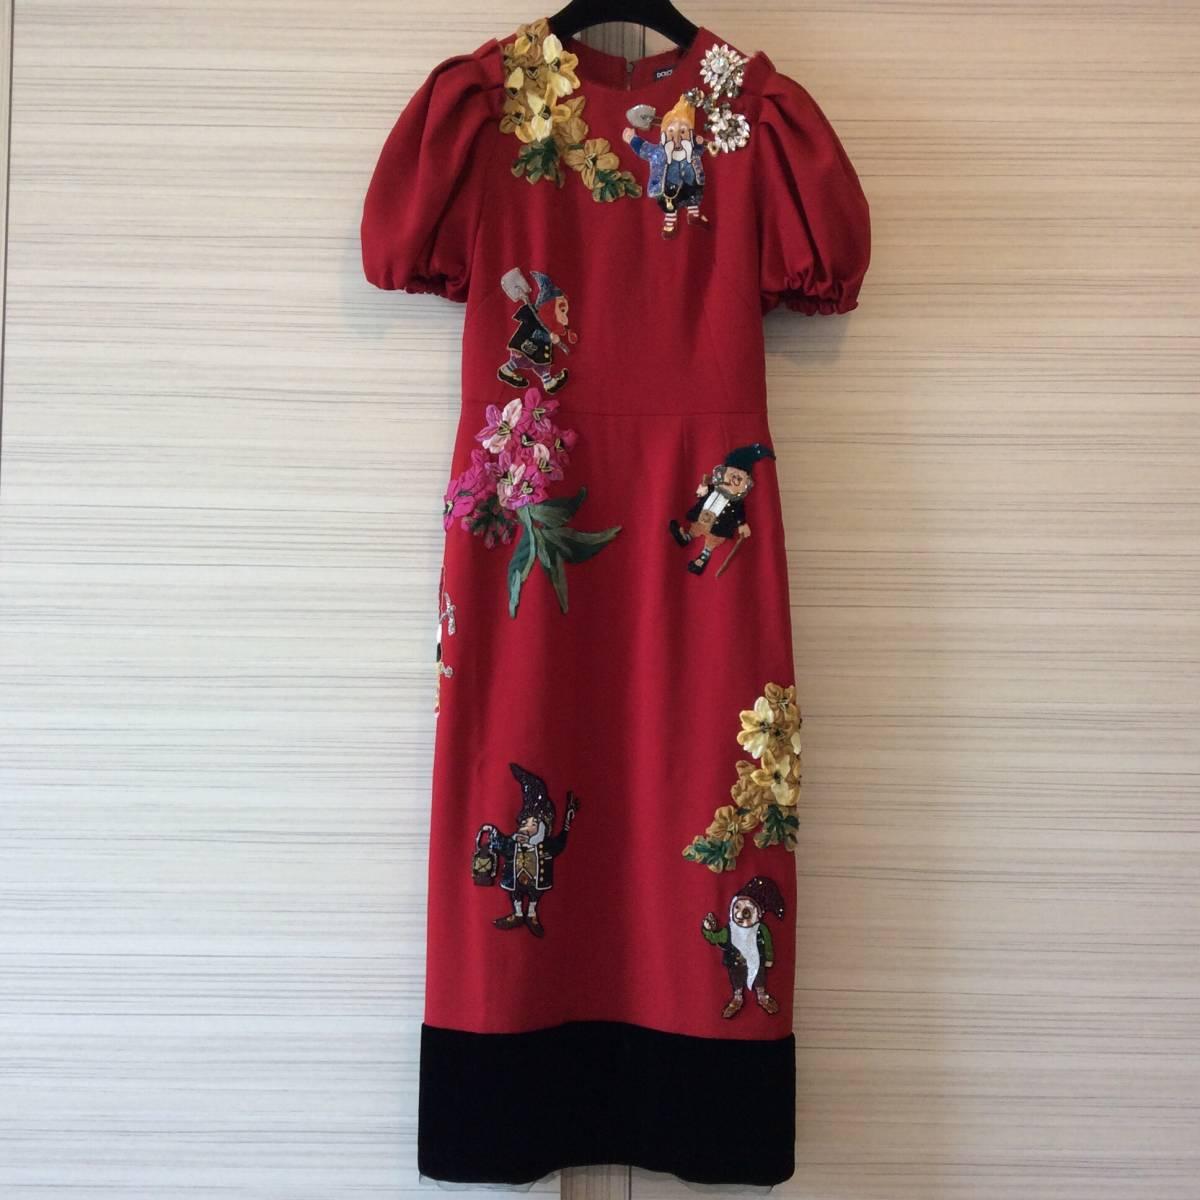 【 DOLCE&GABBANA 】ドルチェ&ガッバーナ ★ビジュー・装飾ドレス★1回着用★